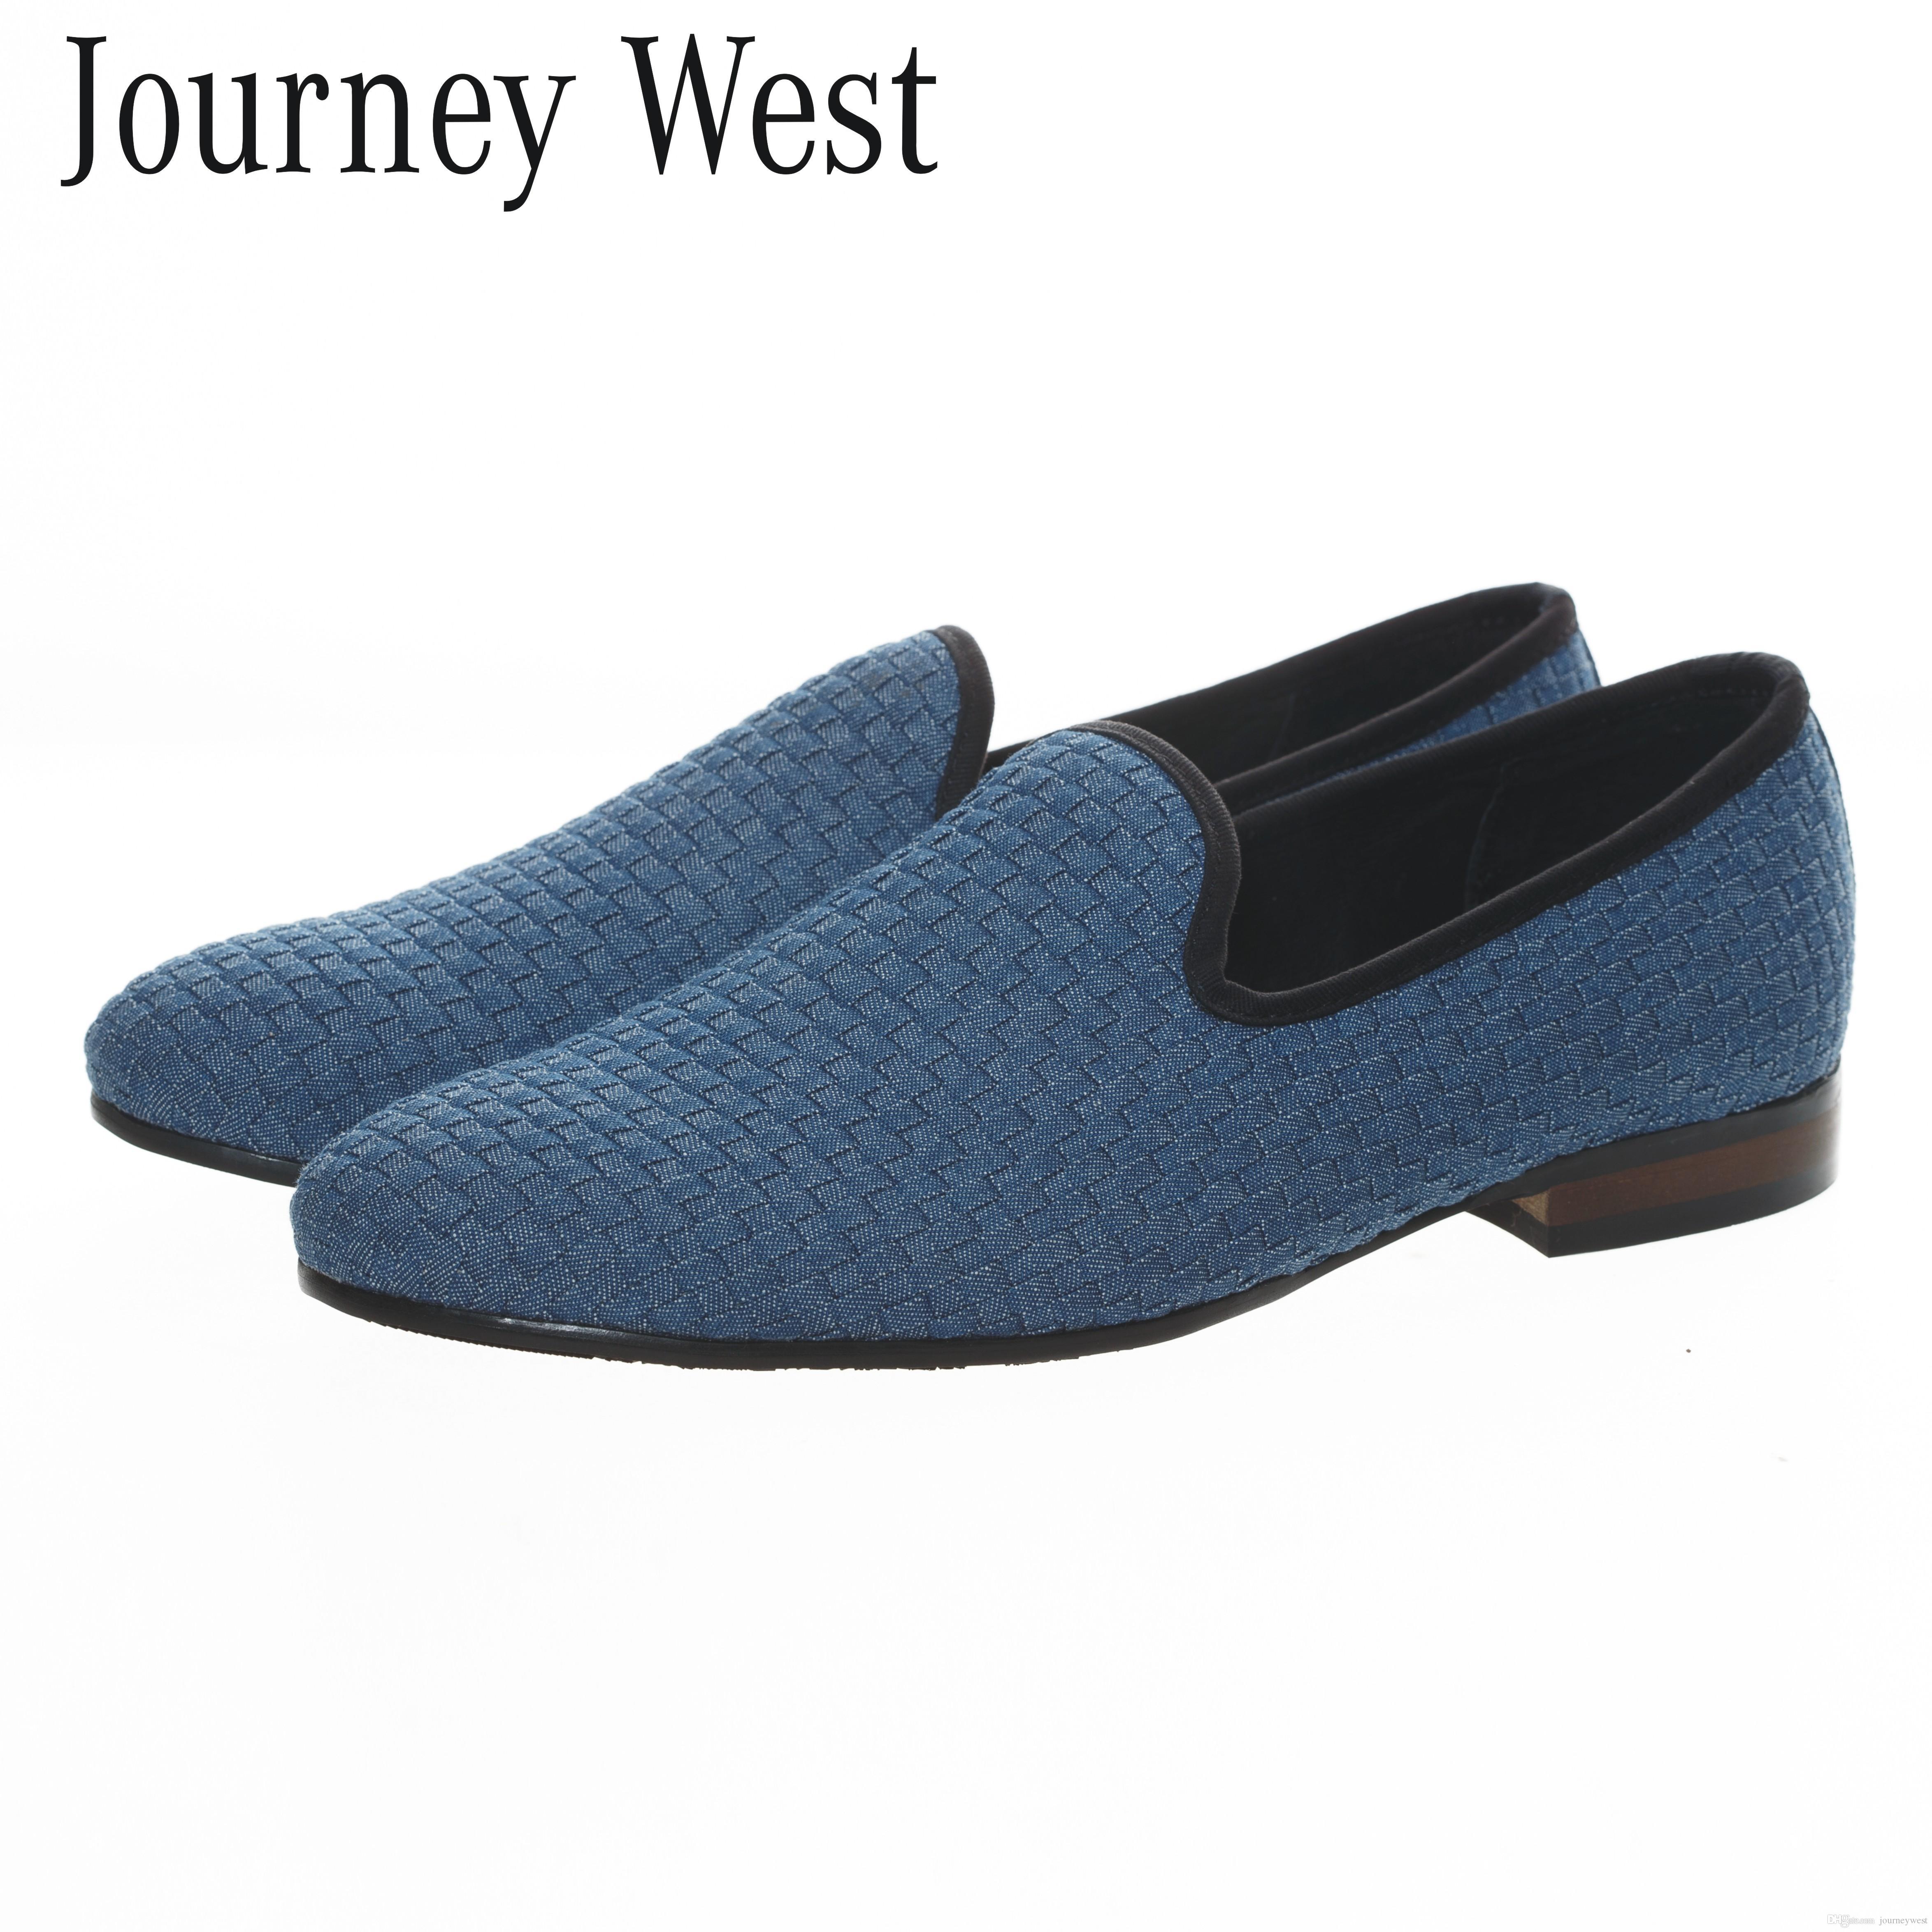 Mano Zapatos Mocasines Hombres Zapatillas Azules A Compre Hechos Los wIqRBR